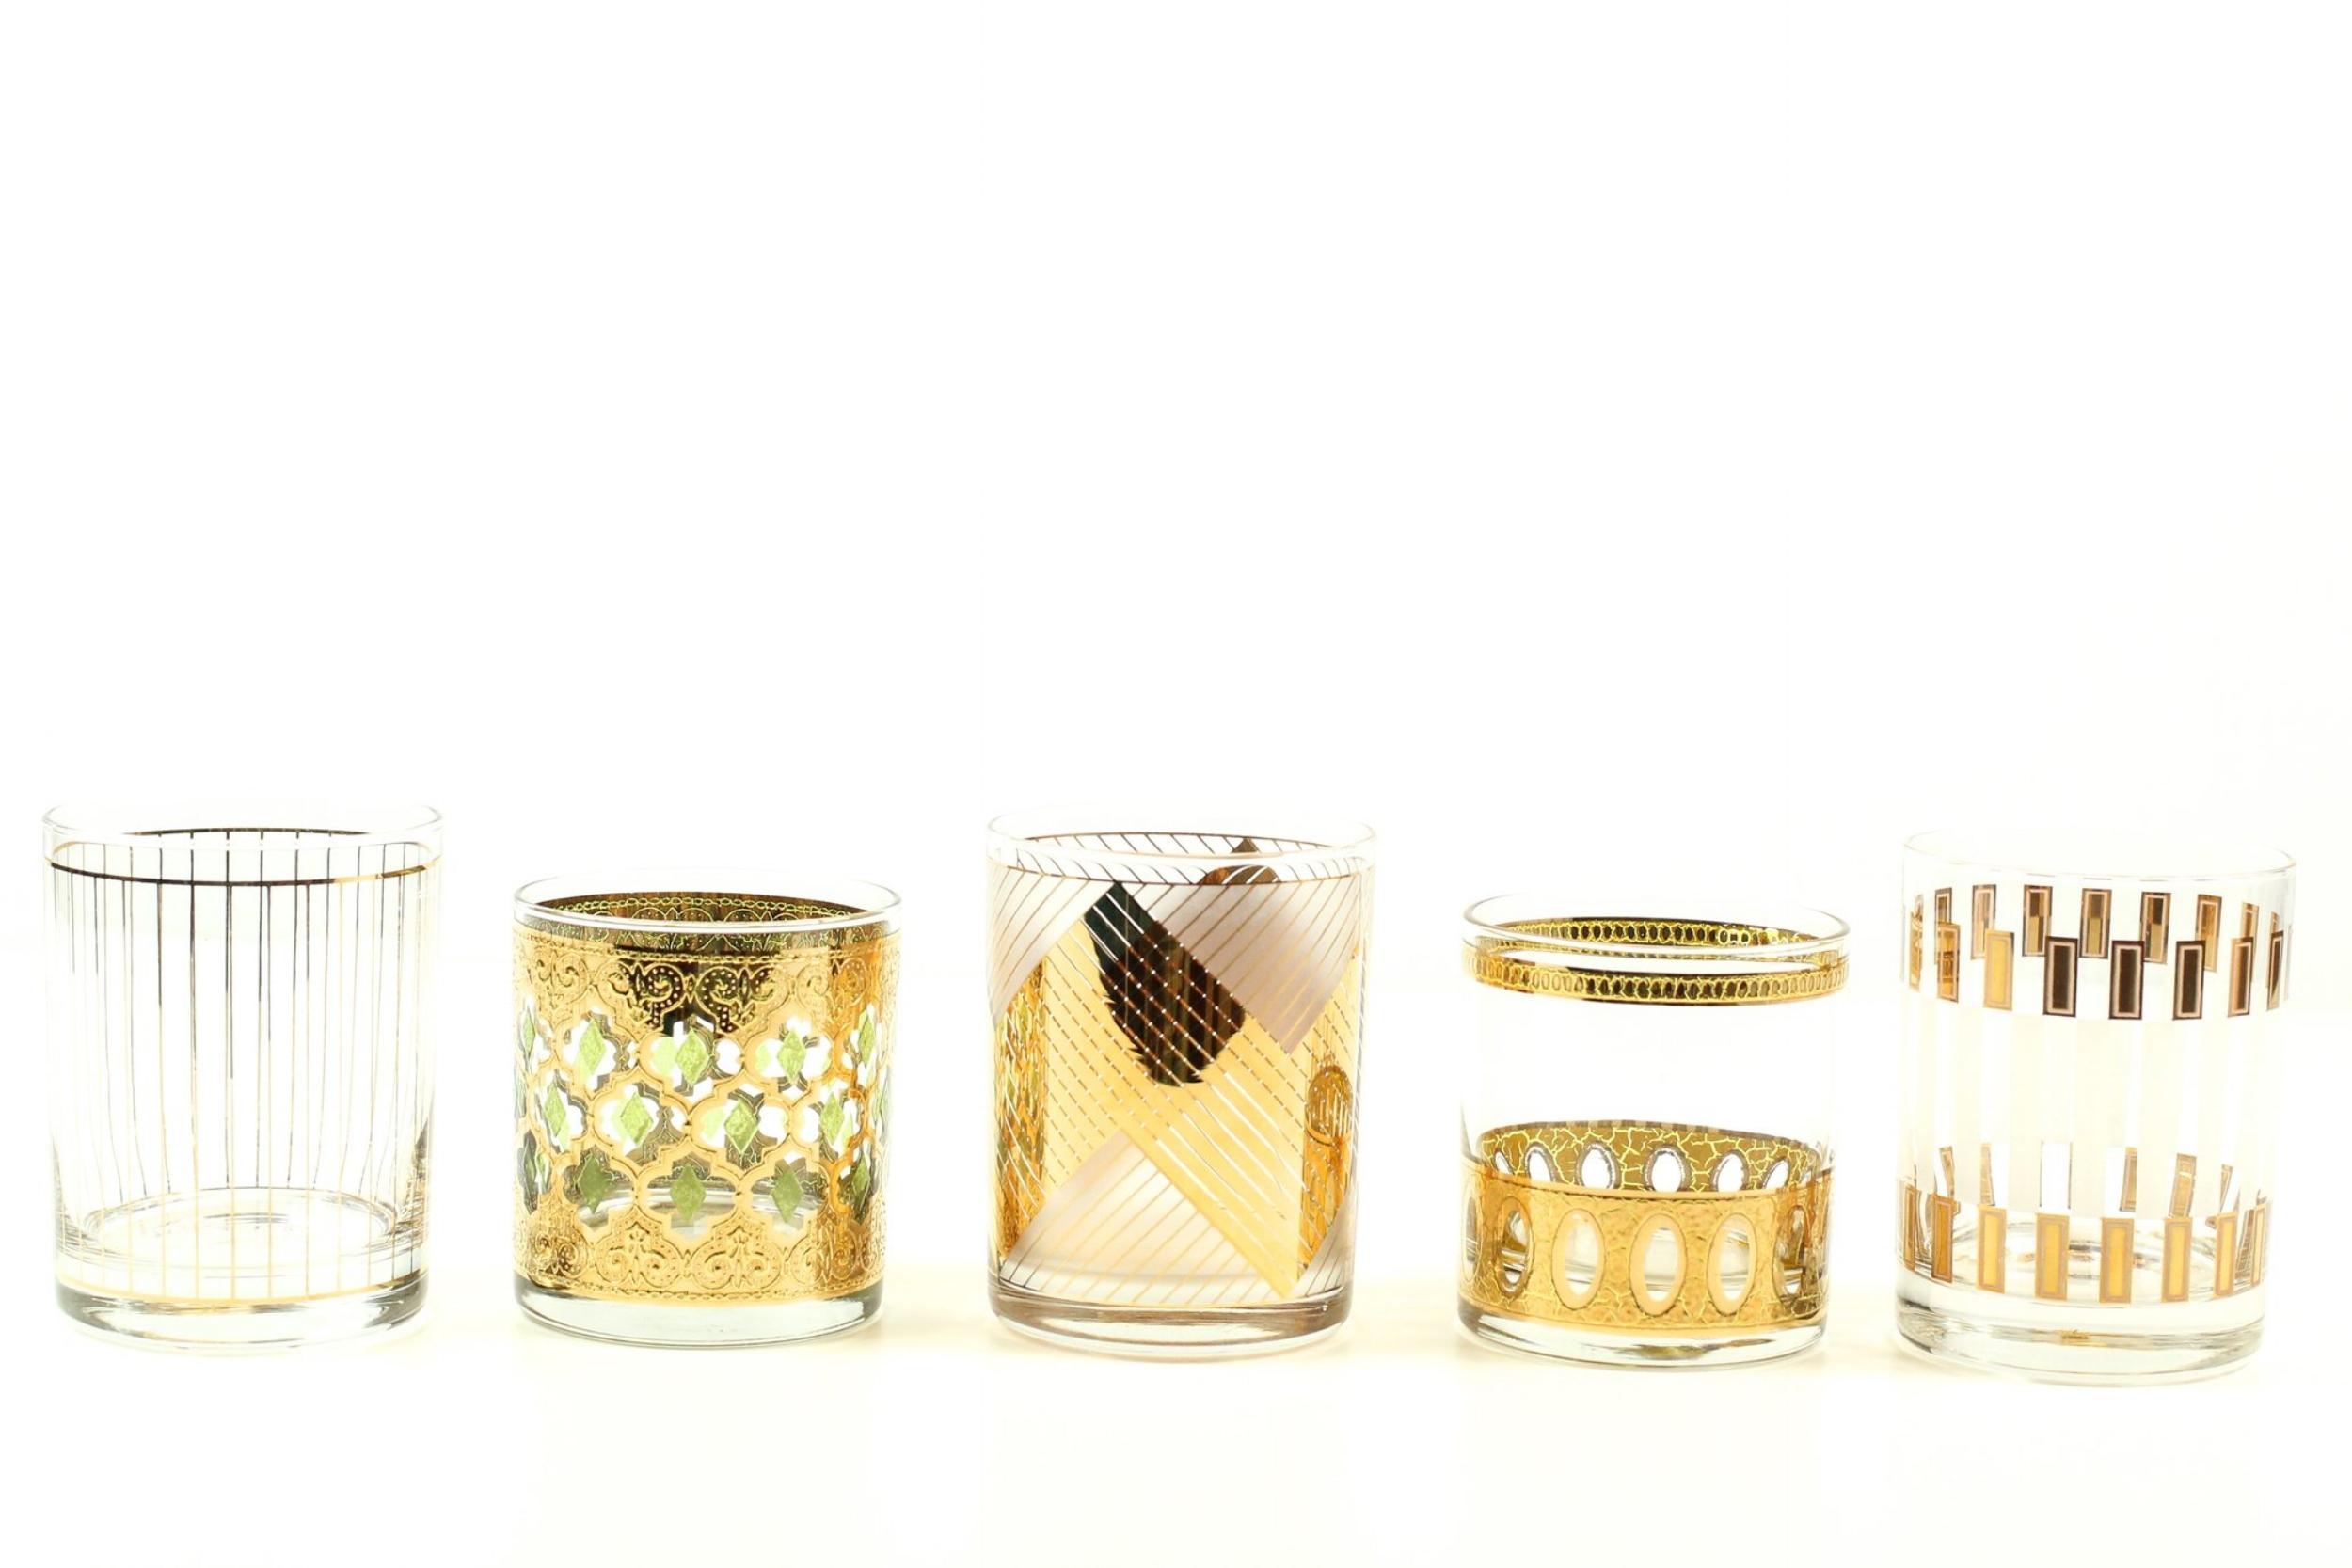 Vintage Rocks Glasses With Gold Detailing